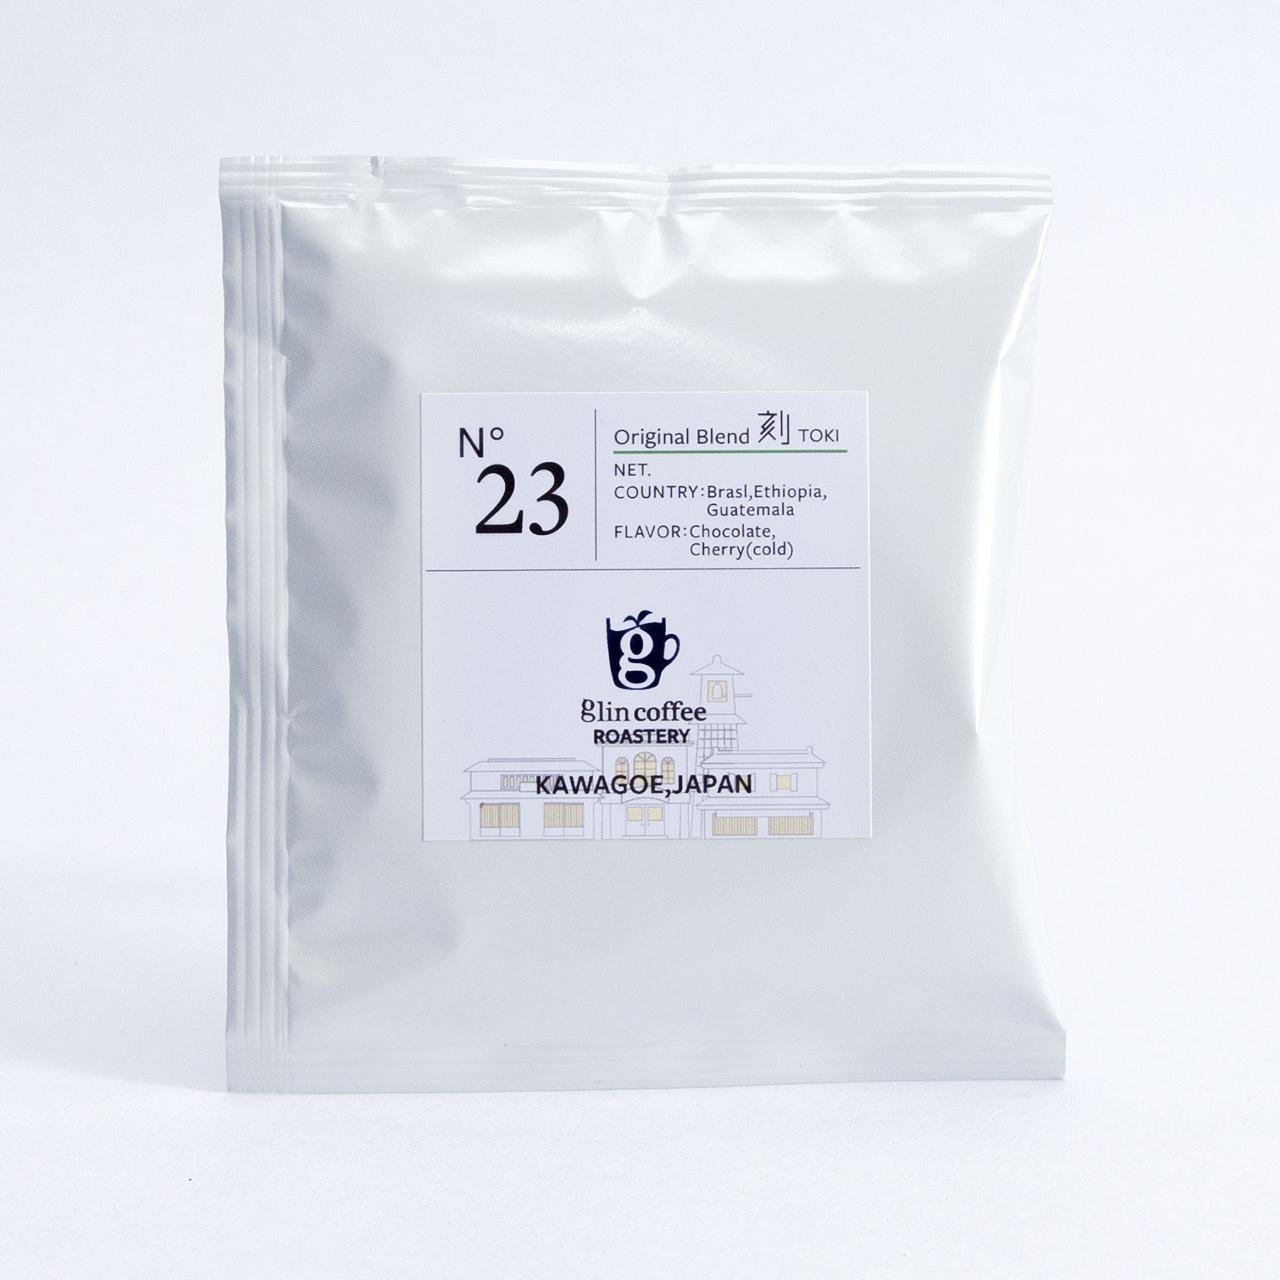 ディップスタイルコーヒー No.23 オリジナルブレンド~刻~